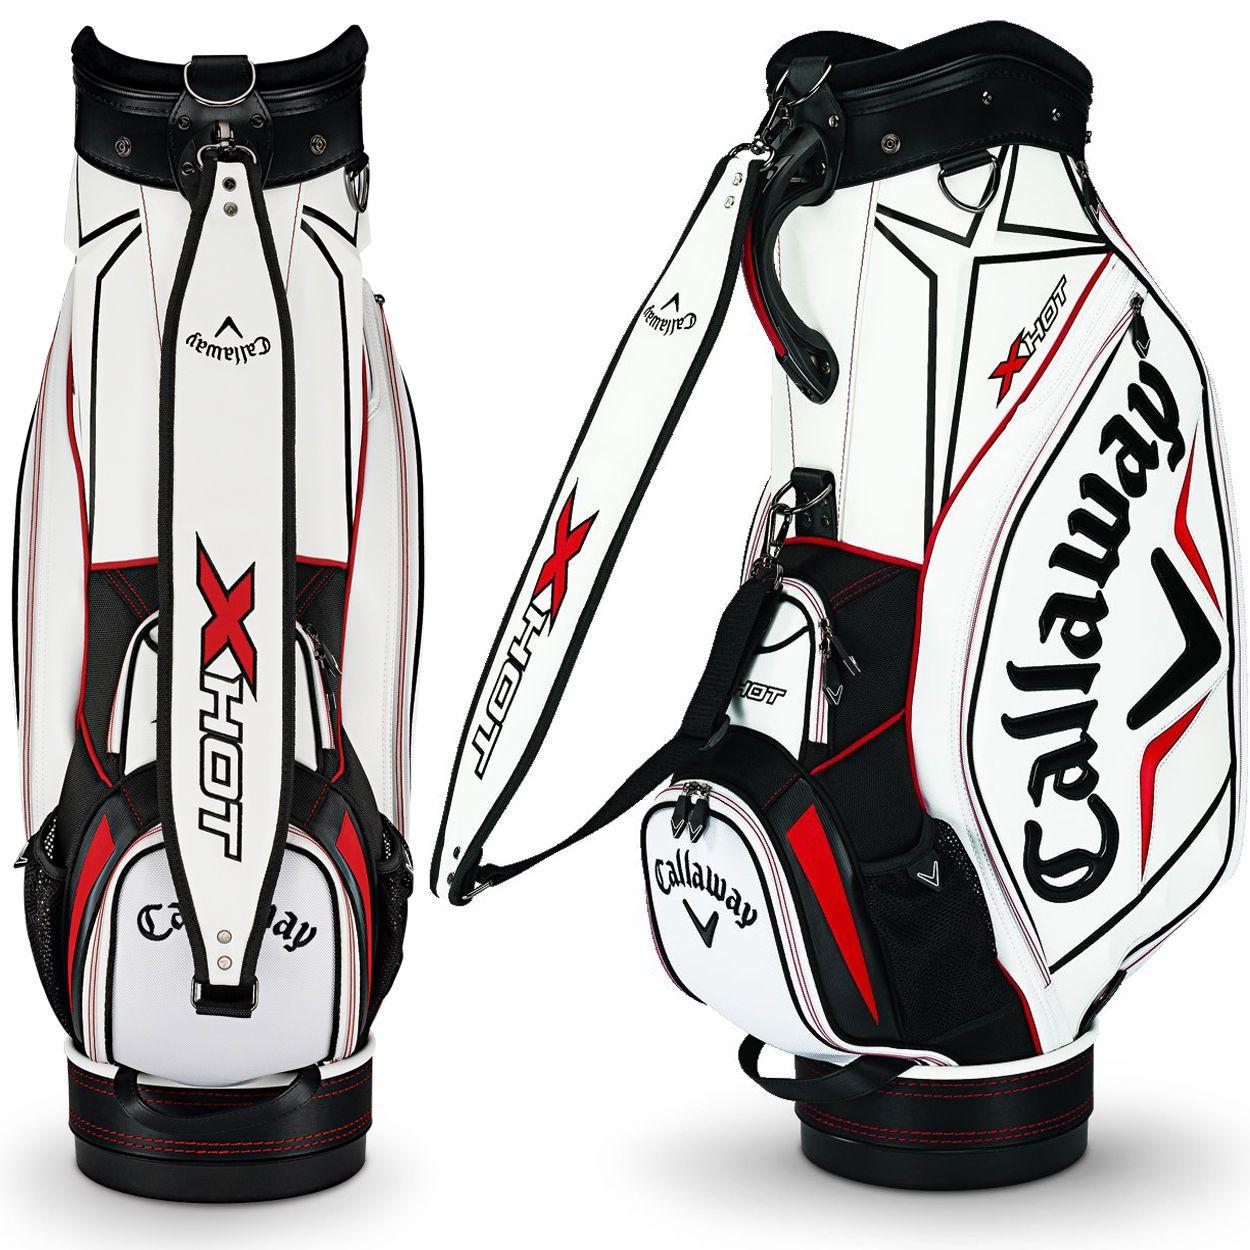 15+ Callaway x hot cart golf bag information